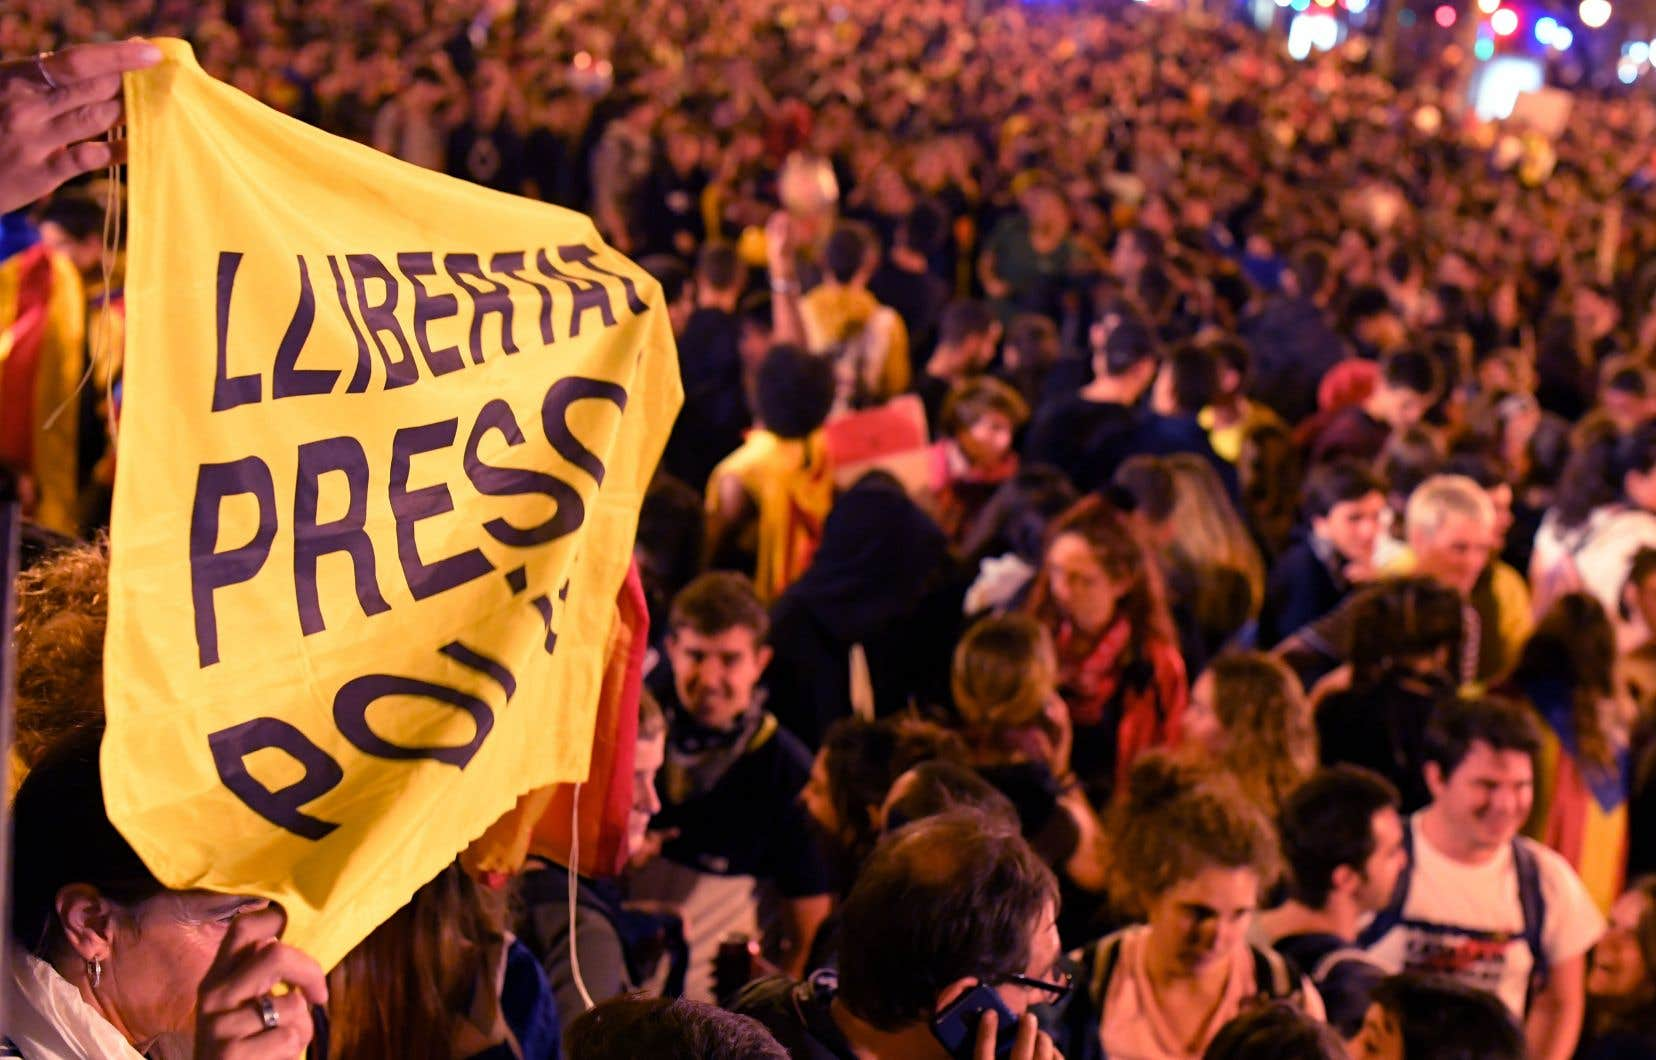 Des militants indépendantistes ont brandi une banderole demandant «la liberté pour les prisonniers politiques», lors d'une quatrième journée de manifestation, jeudi, à Barcelone.